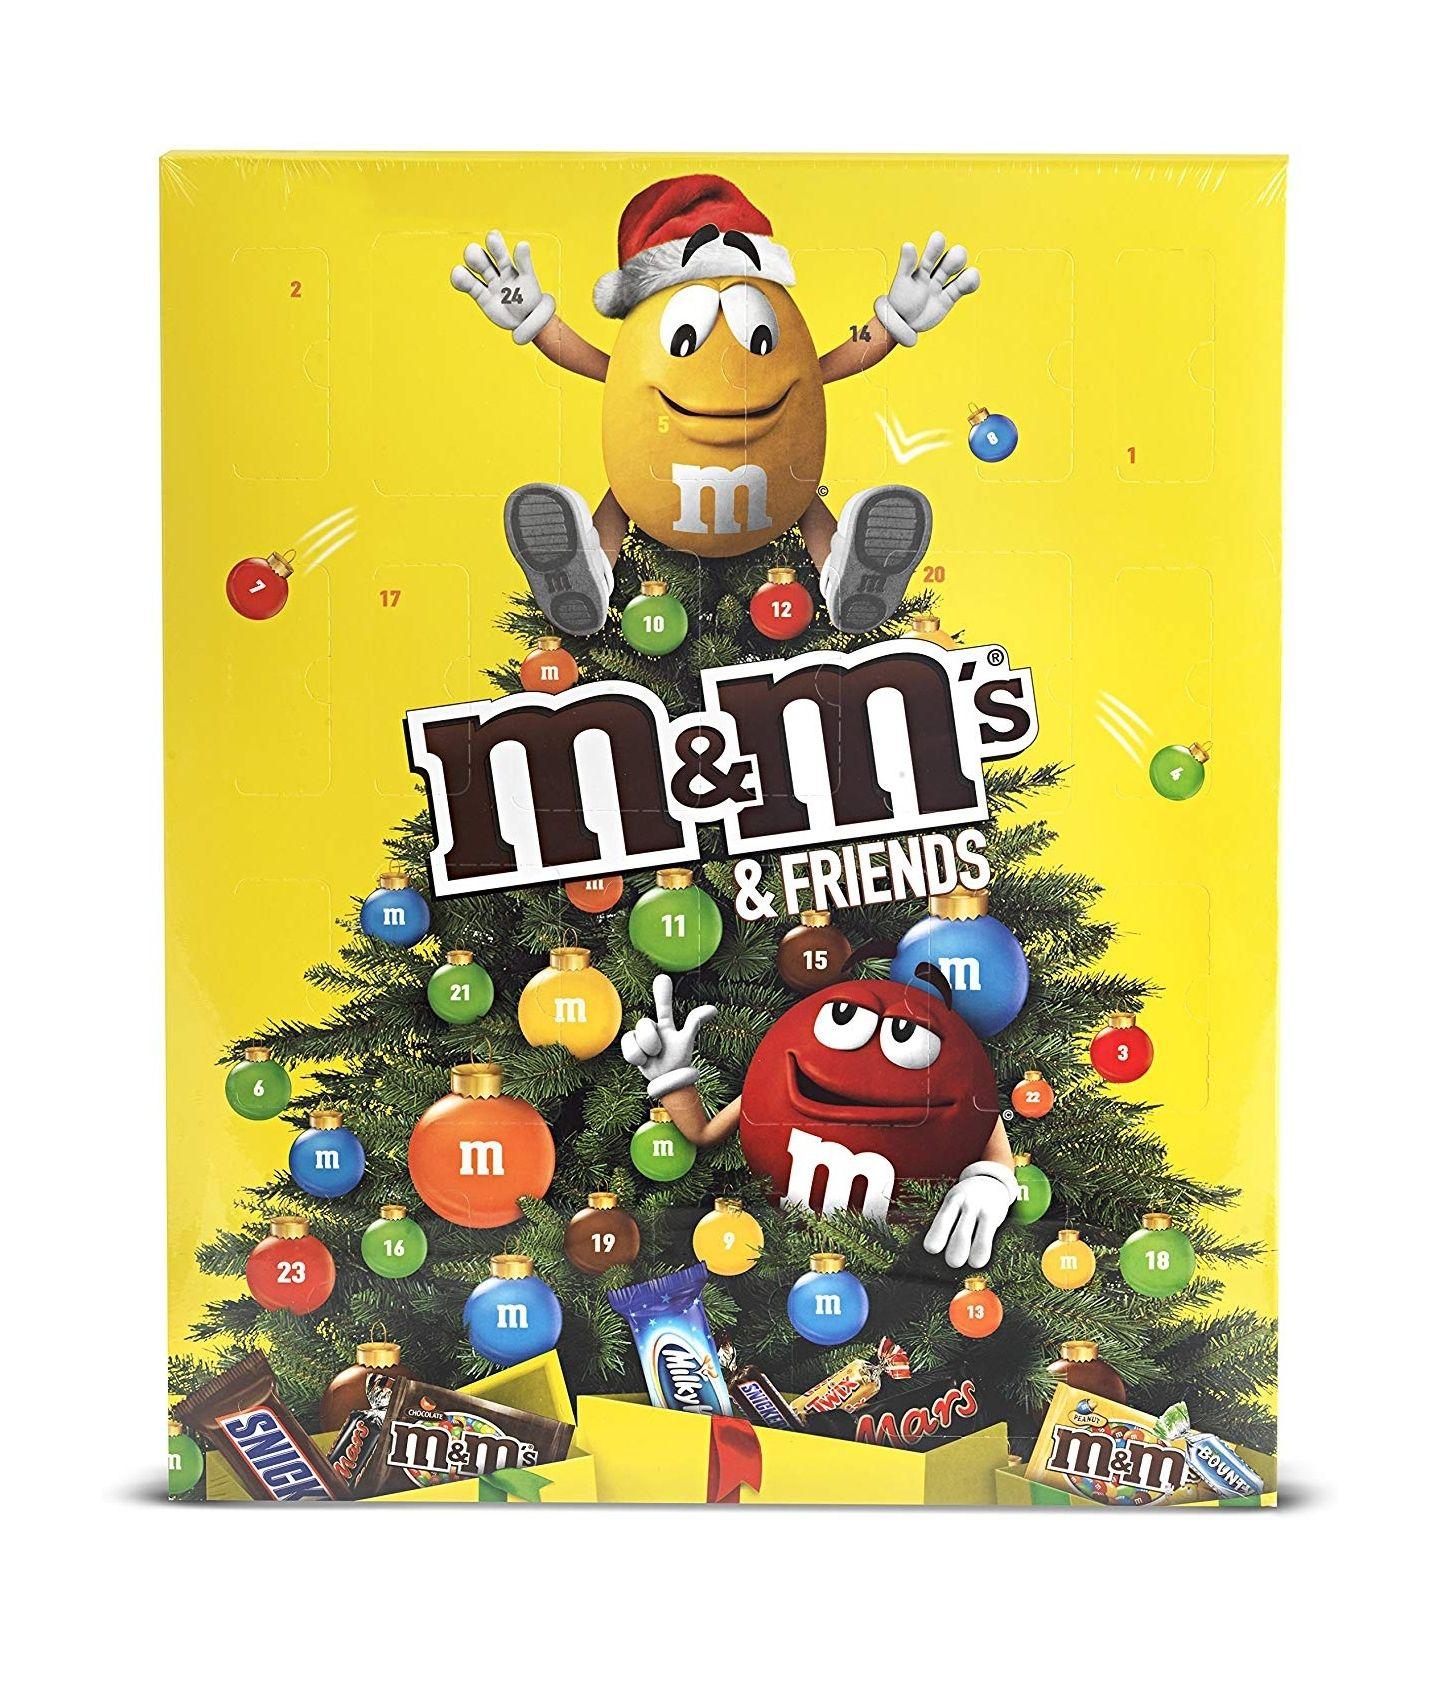 Weihnachtliche Adventskalender bis zu 38% Reduziert! Angebot des Tages bei Amazon Prime! M&Ms, Lindt Hello, Nestlé, Smarties, Teekanne usw.